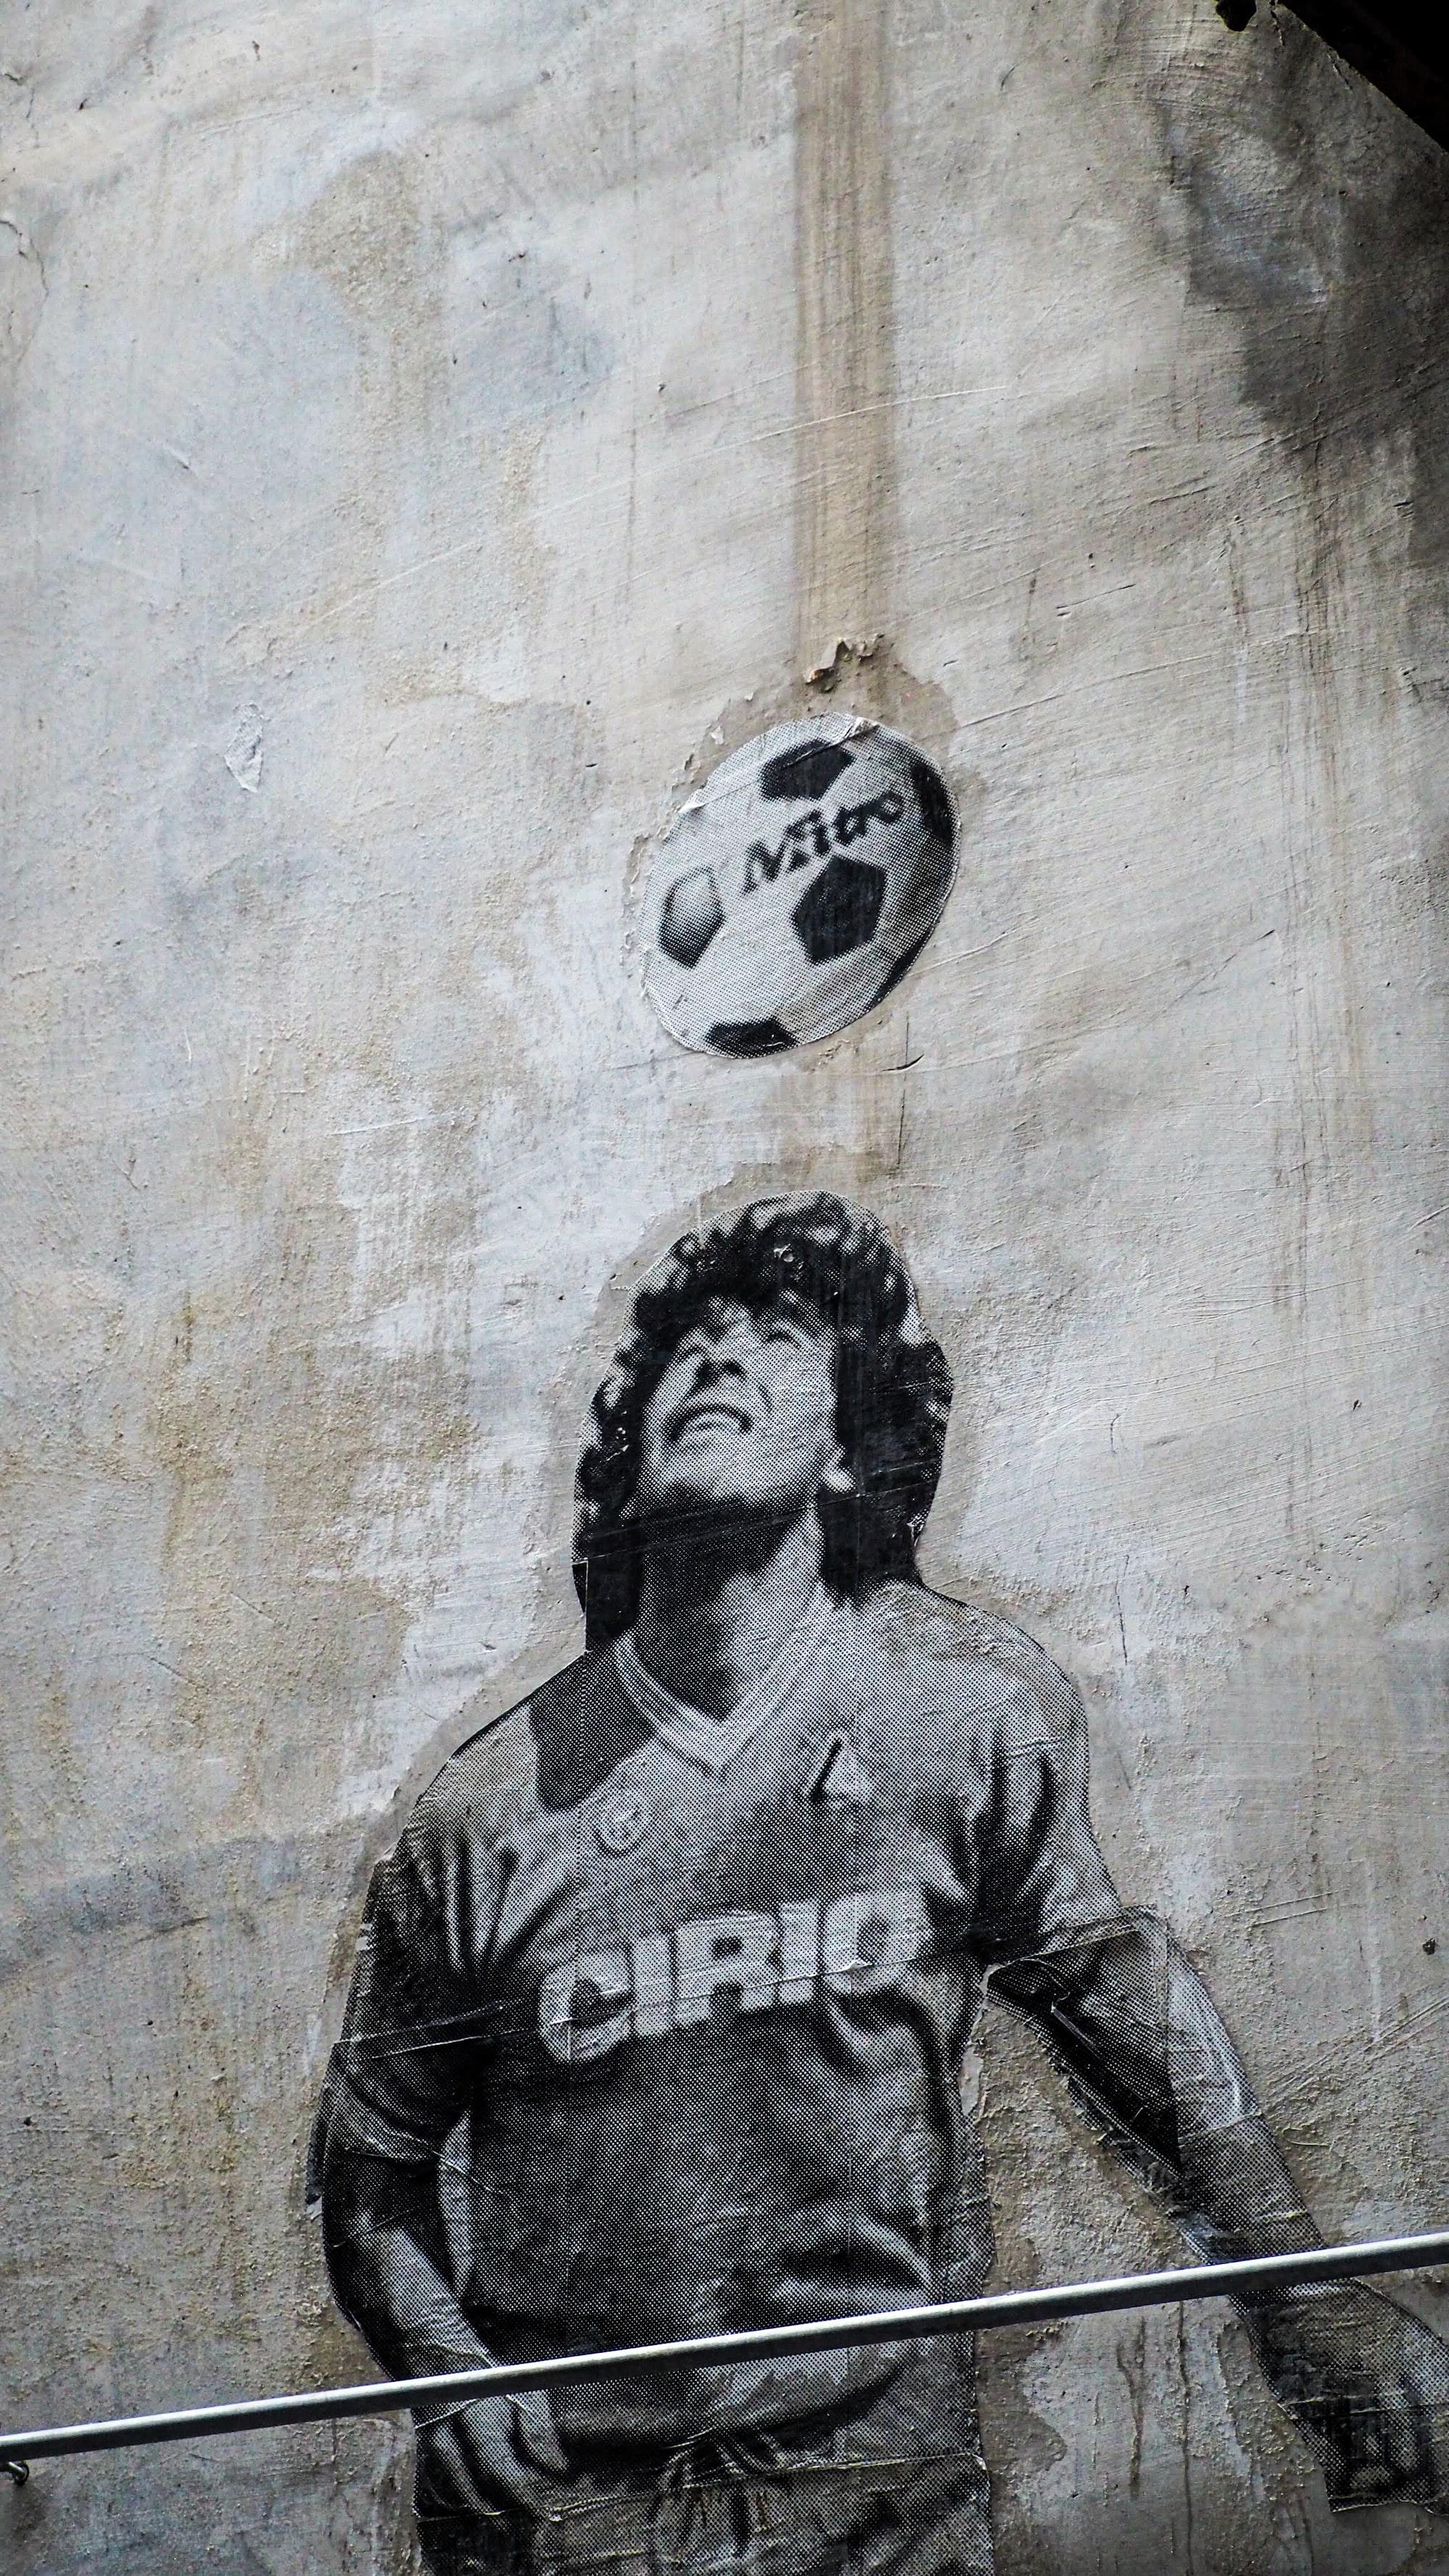 Diego Armando Maradona se transforma de leyenda en inmortal